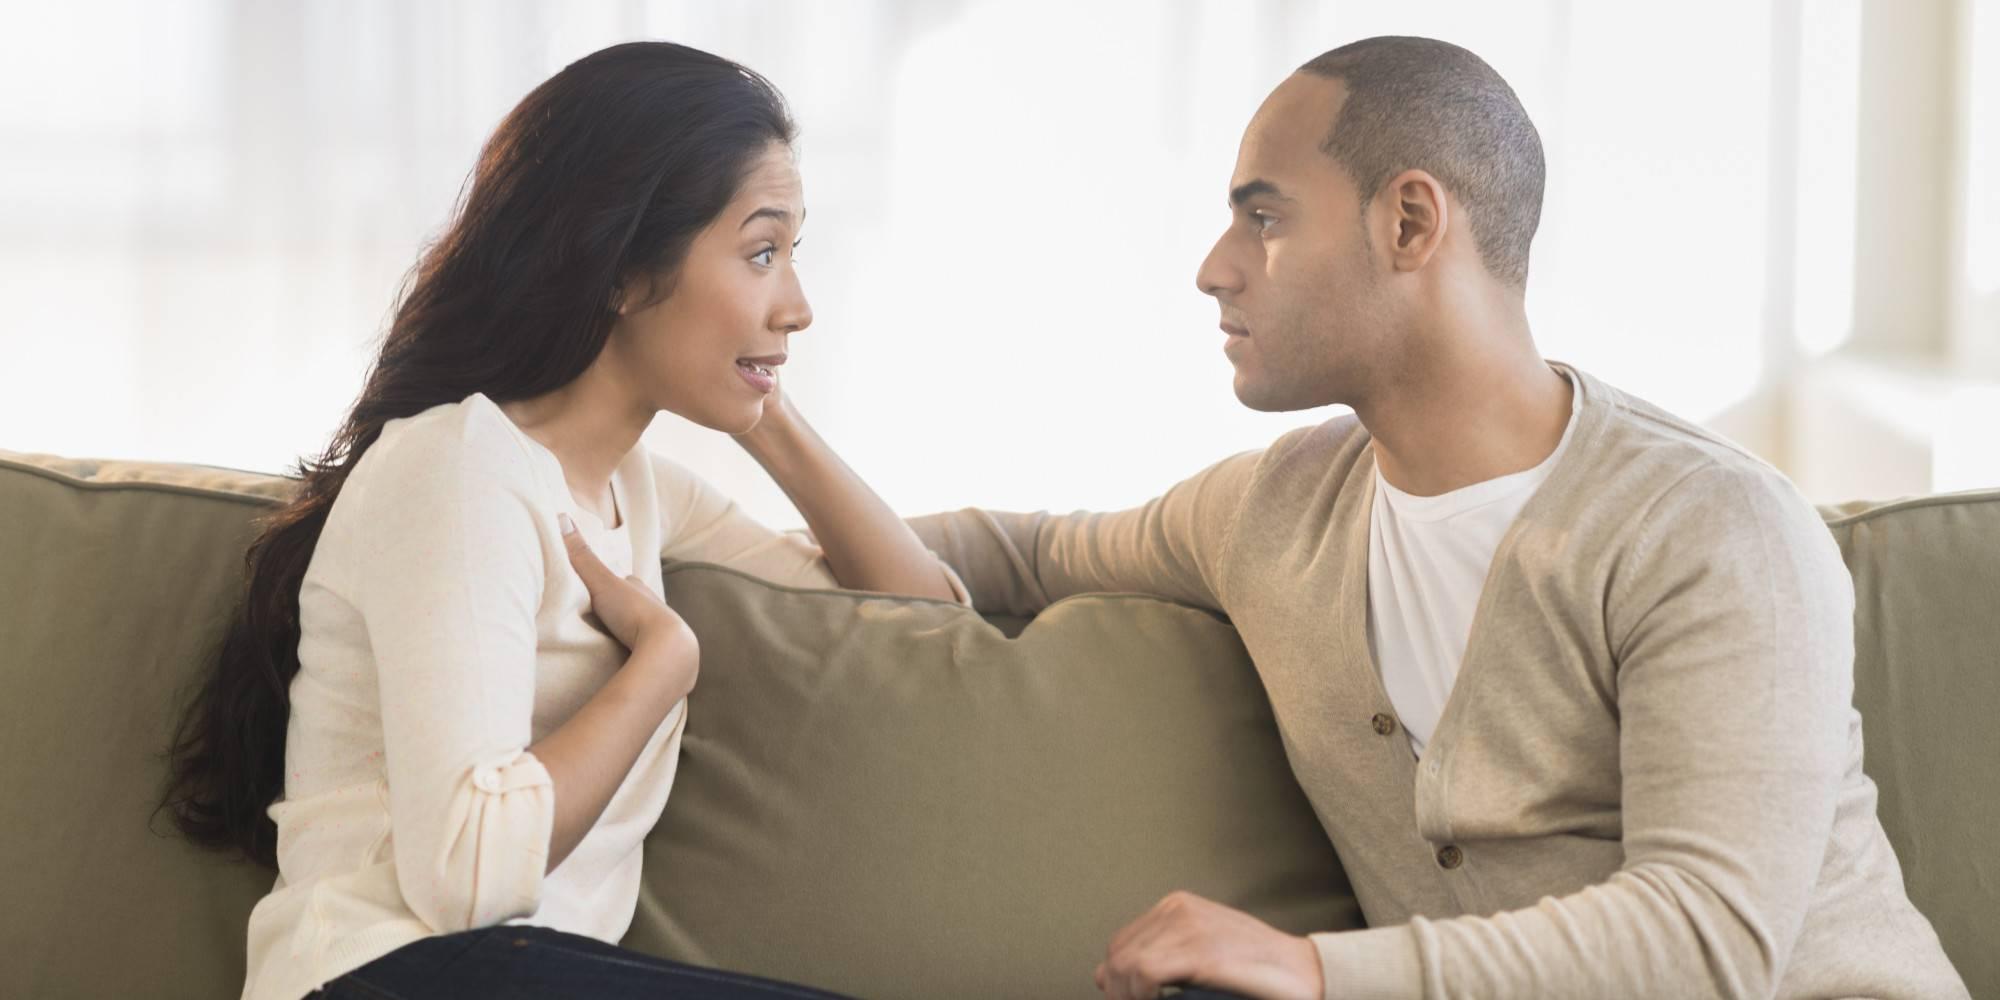 چهار مرحله کوری عاطفی که زوجین را از یکدیگر دور می کند را بشناسید